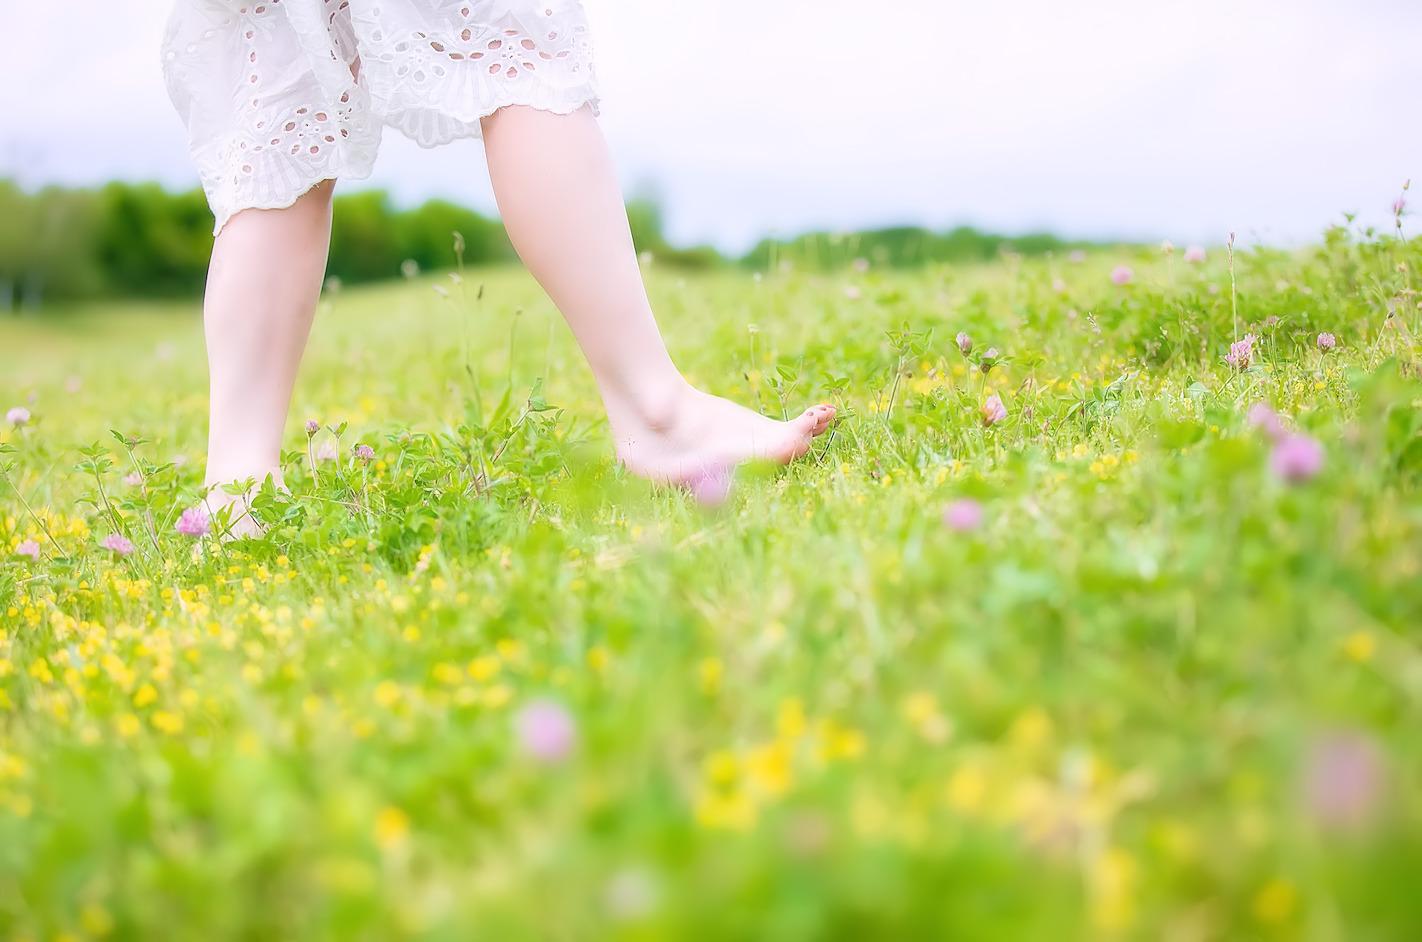 一歩踏み出している女性のイメージ